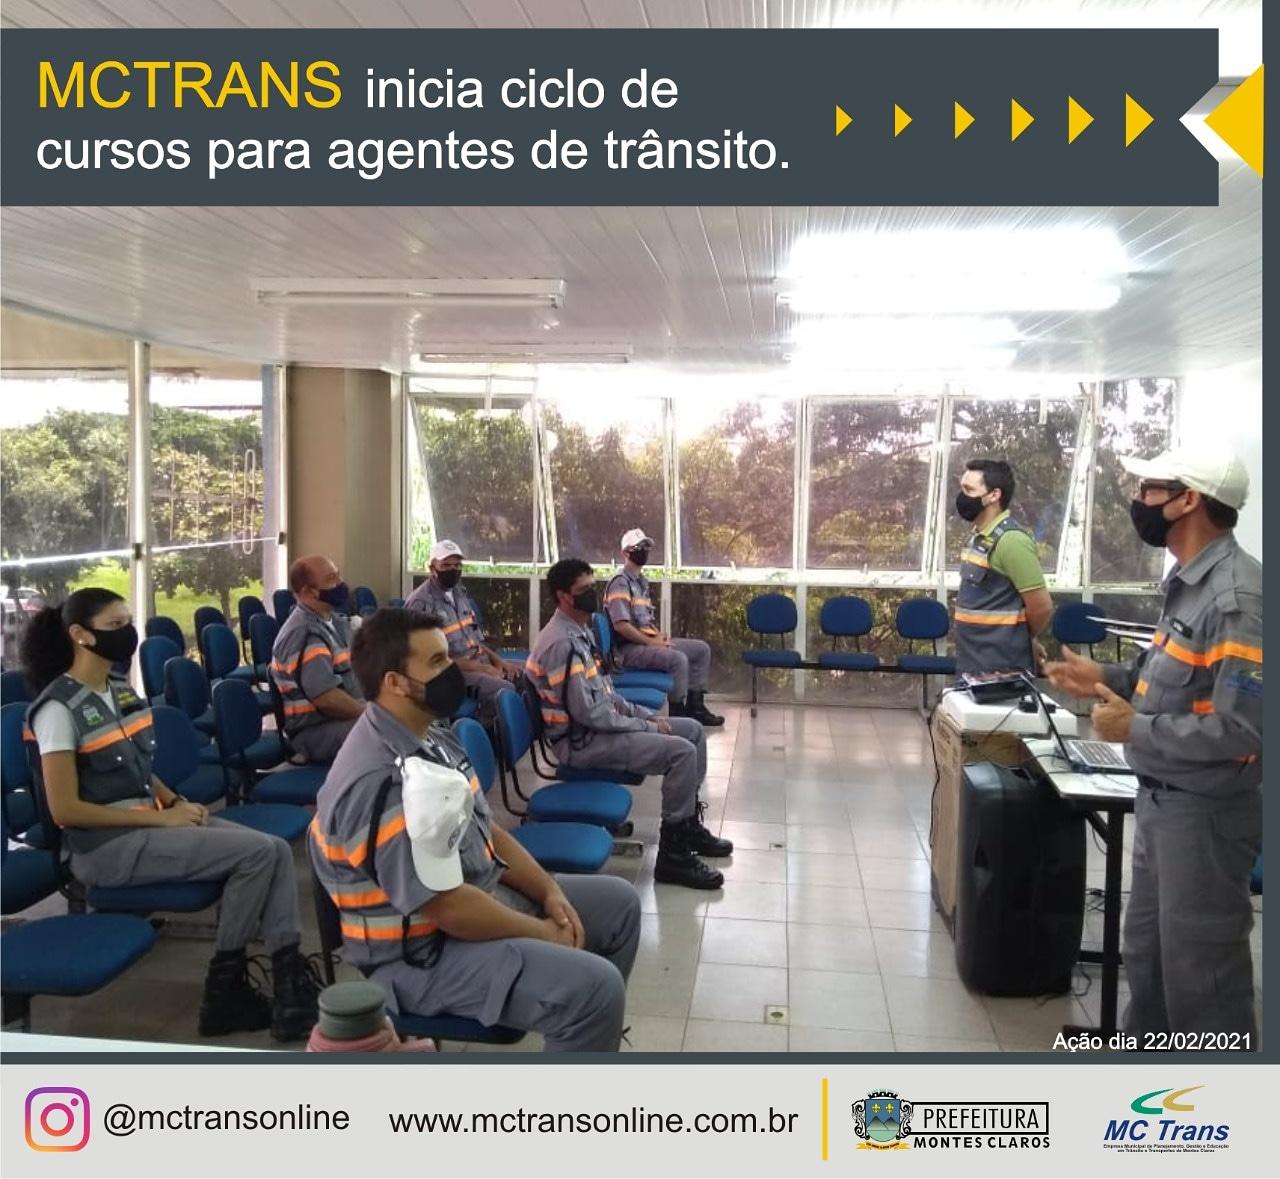 Imagem de destaque MCTrans promove cursos para agentes de trânsito